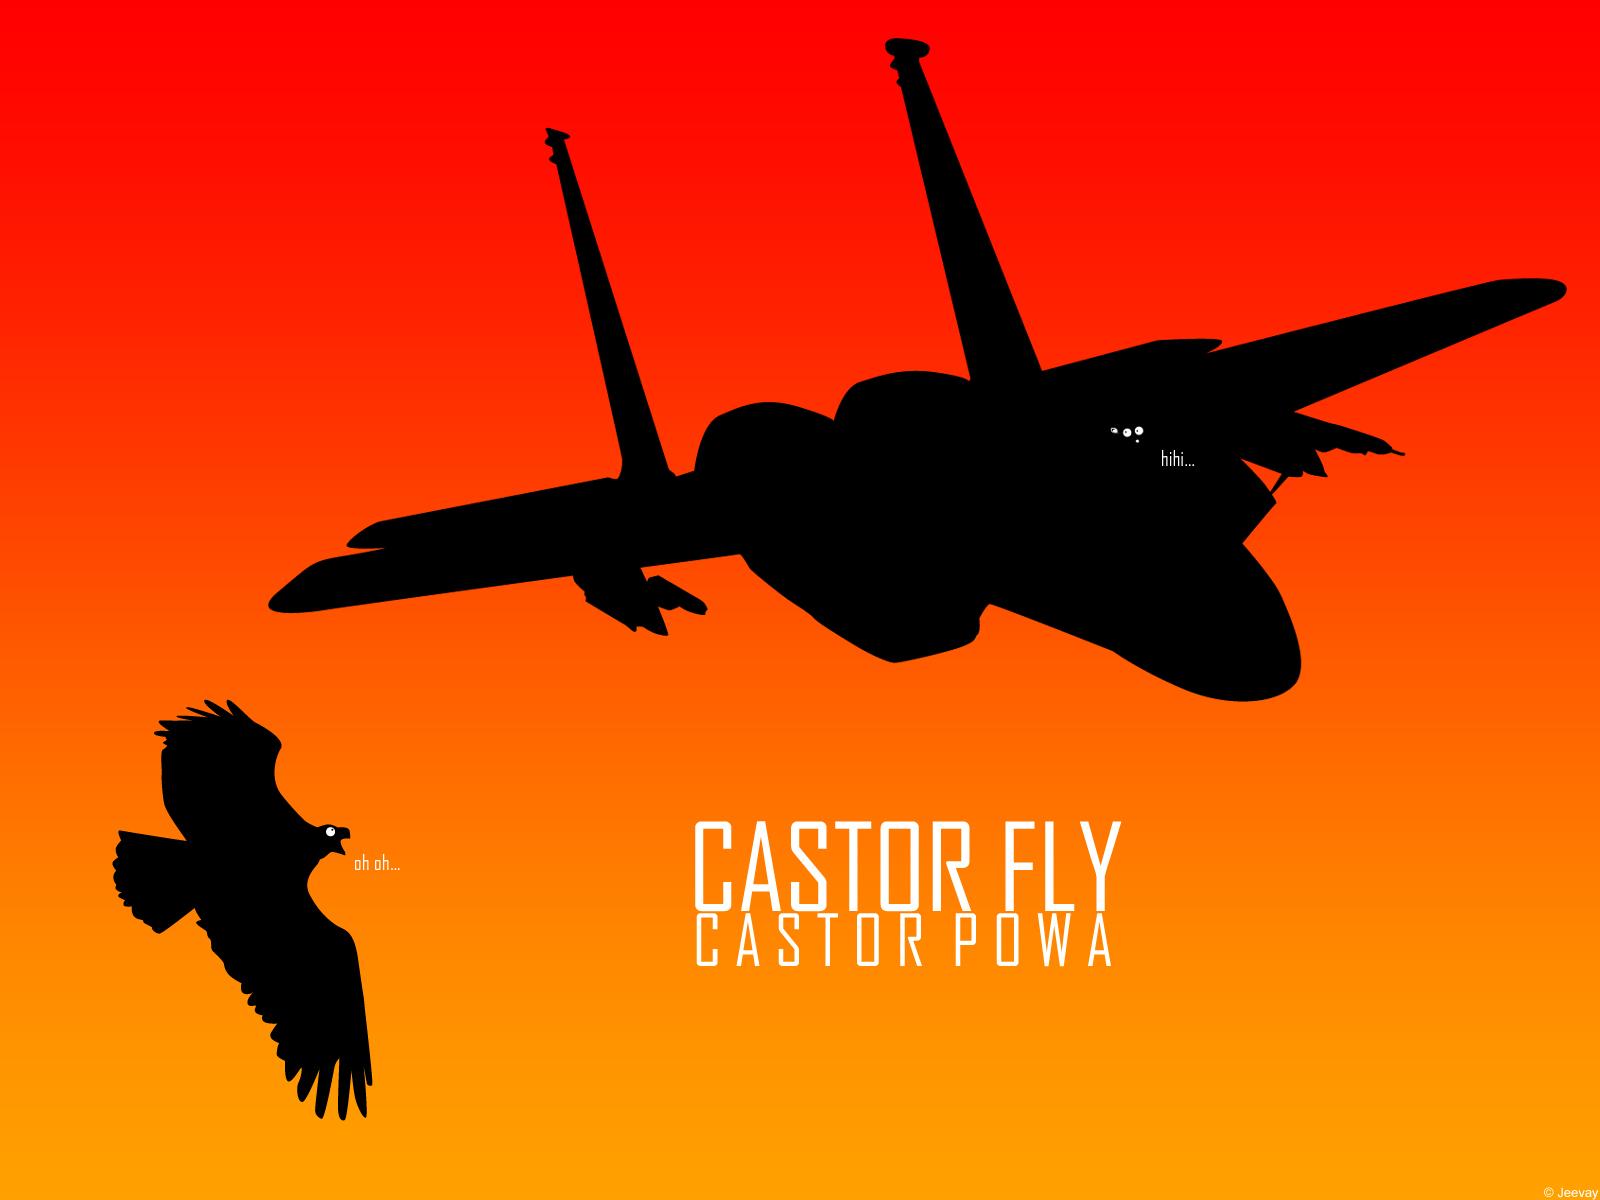 - Castor Fly Wallpaper -